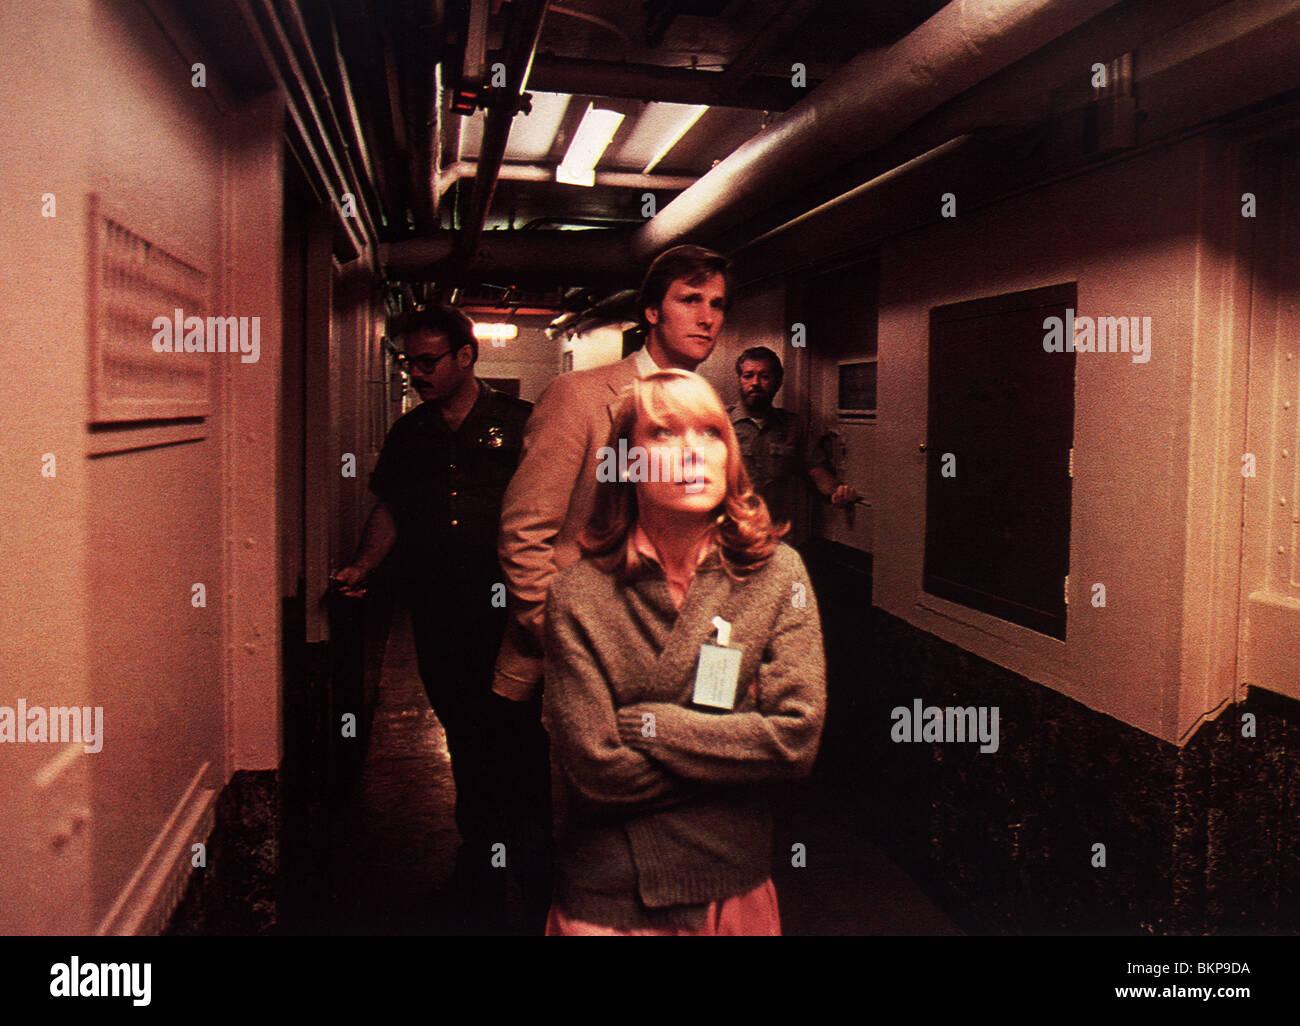 marie-a-true-story-1985-sissy-spacek-rog